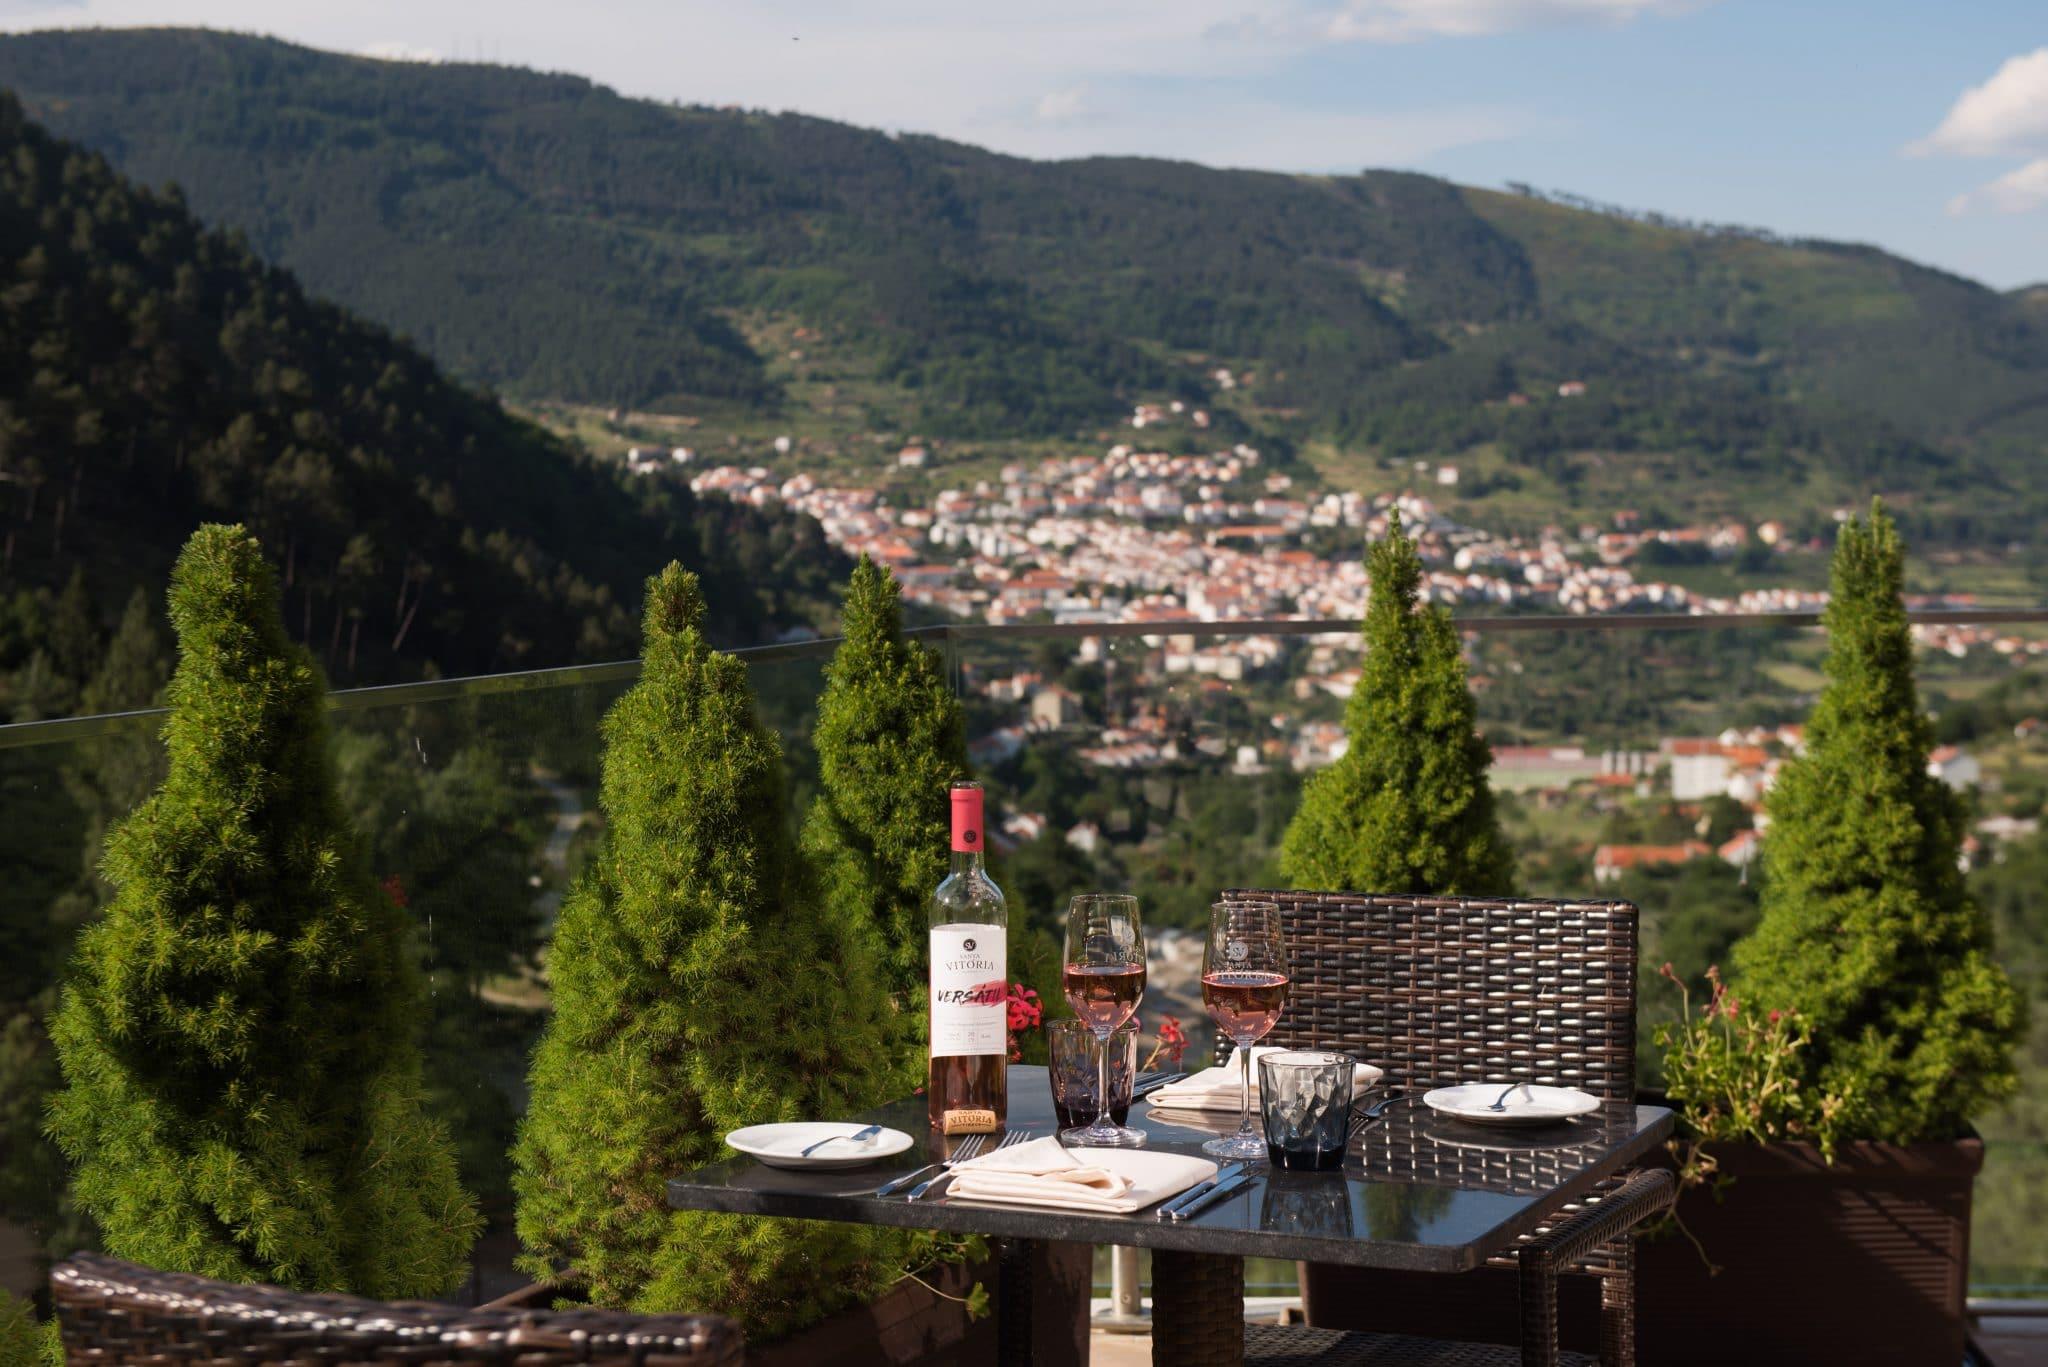 Vila Galé Serra da Estrela